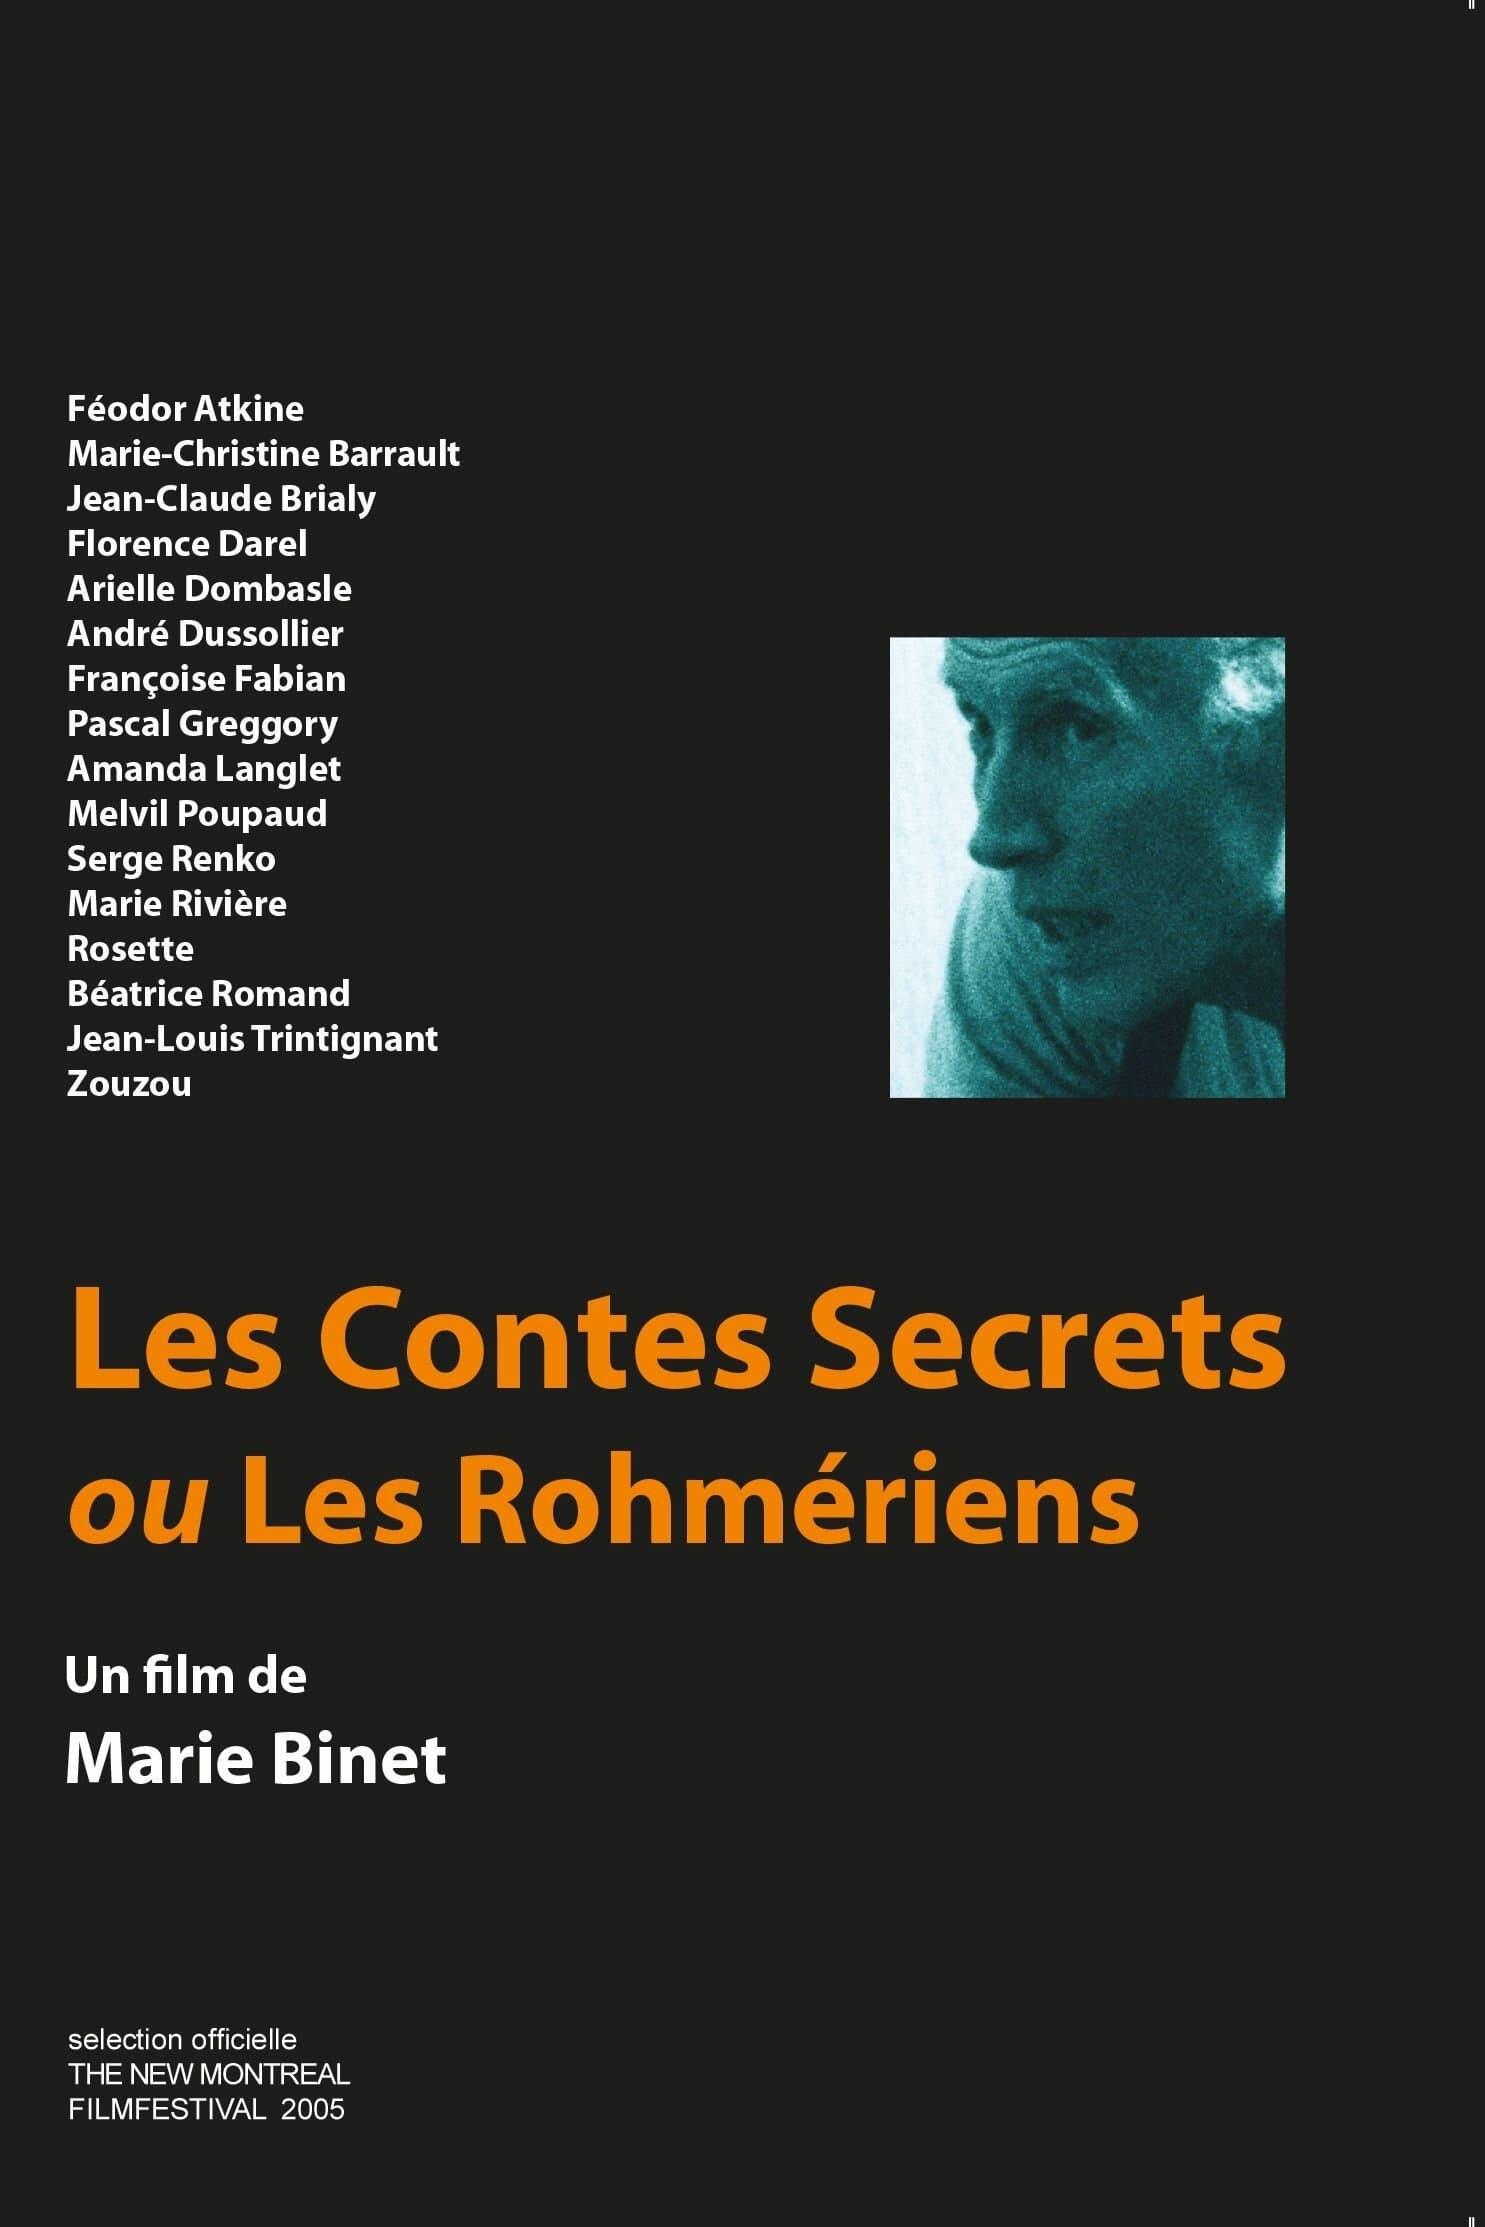 Les contes secrets ou les Rohmériens